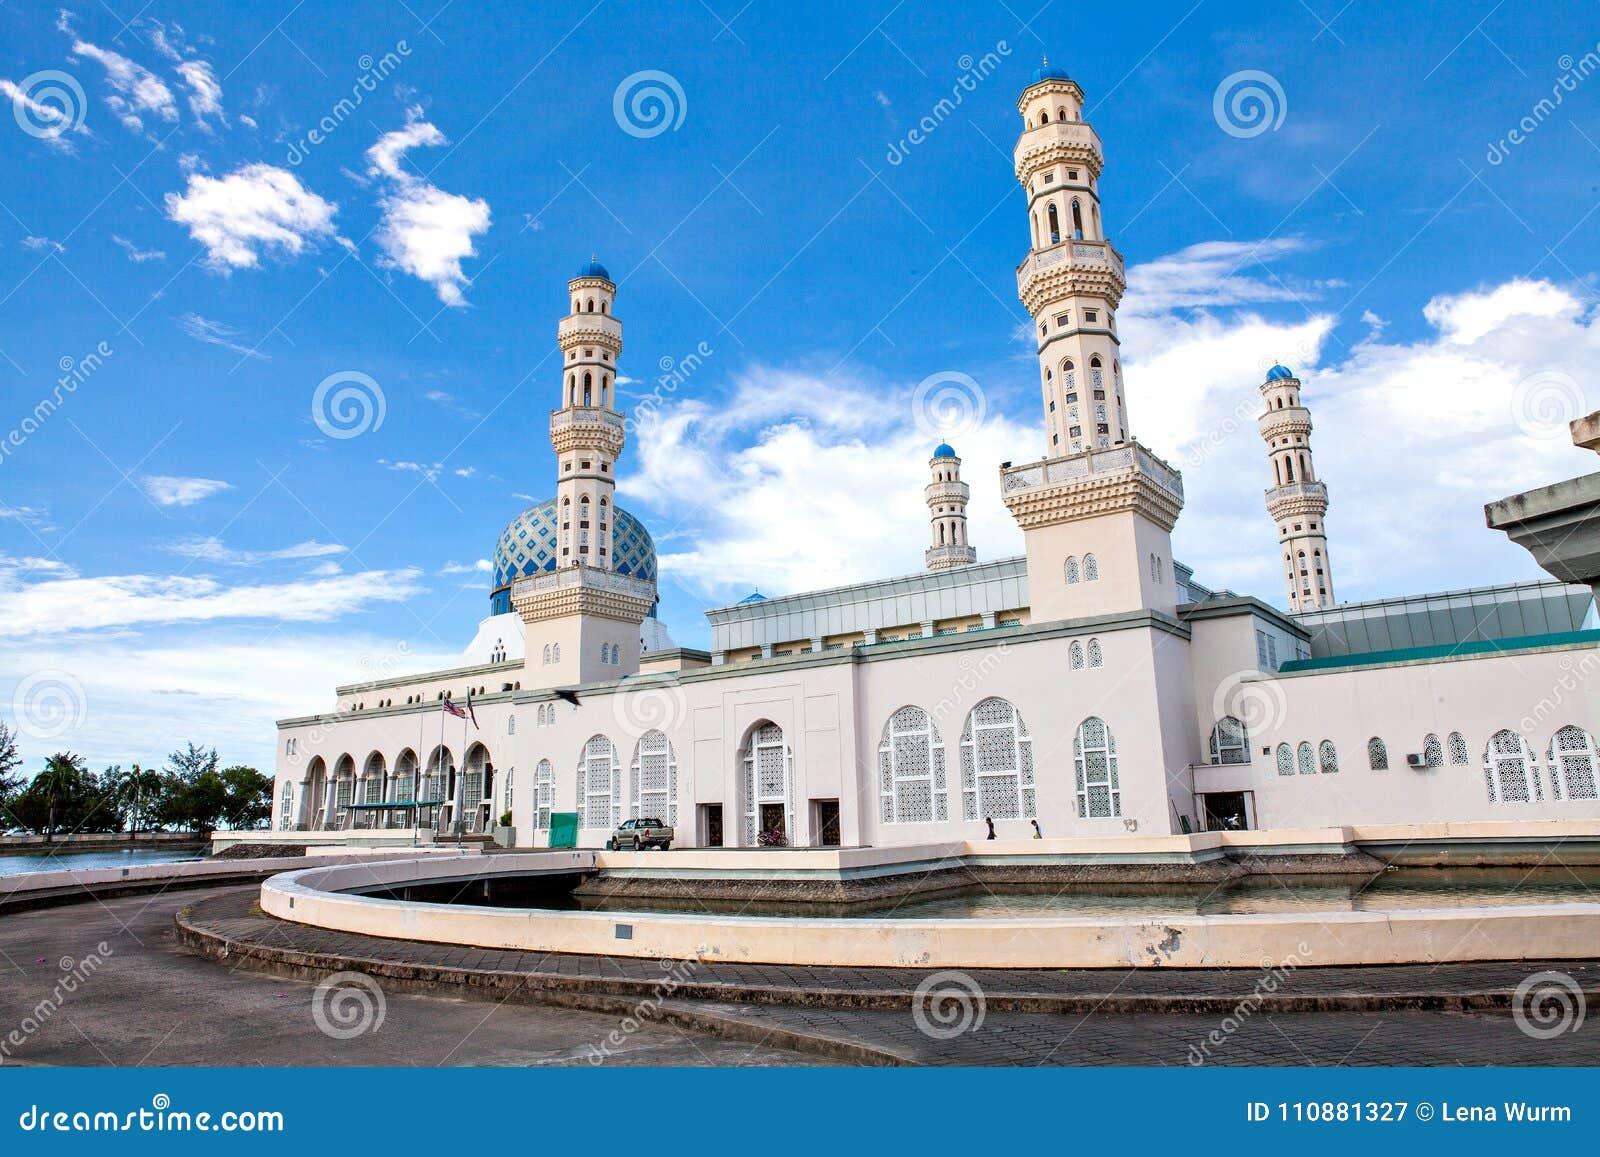 Kota Kinabalu City Mosque, Sabah, Bornéo, Malaisie